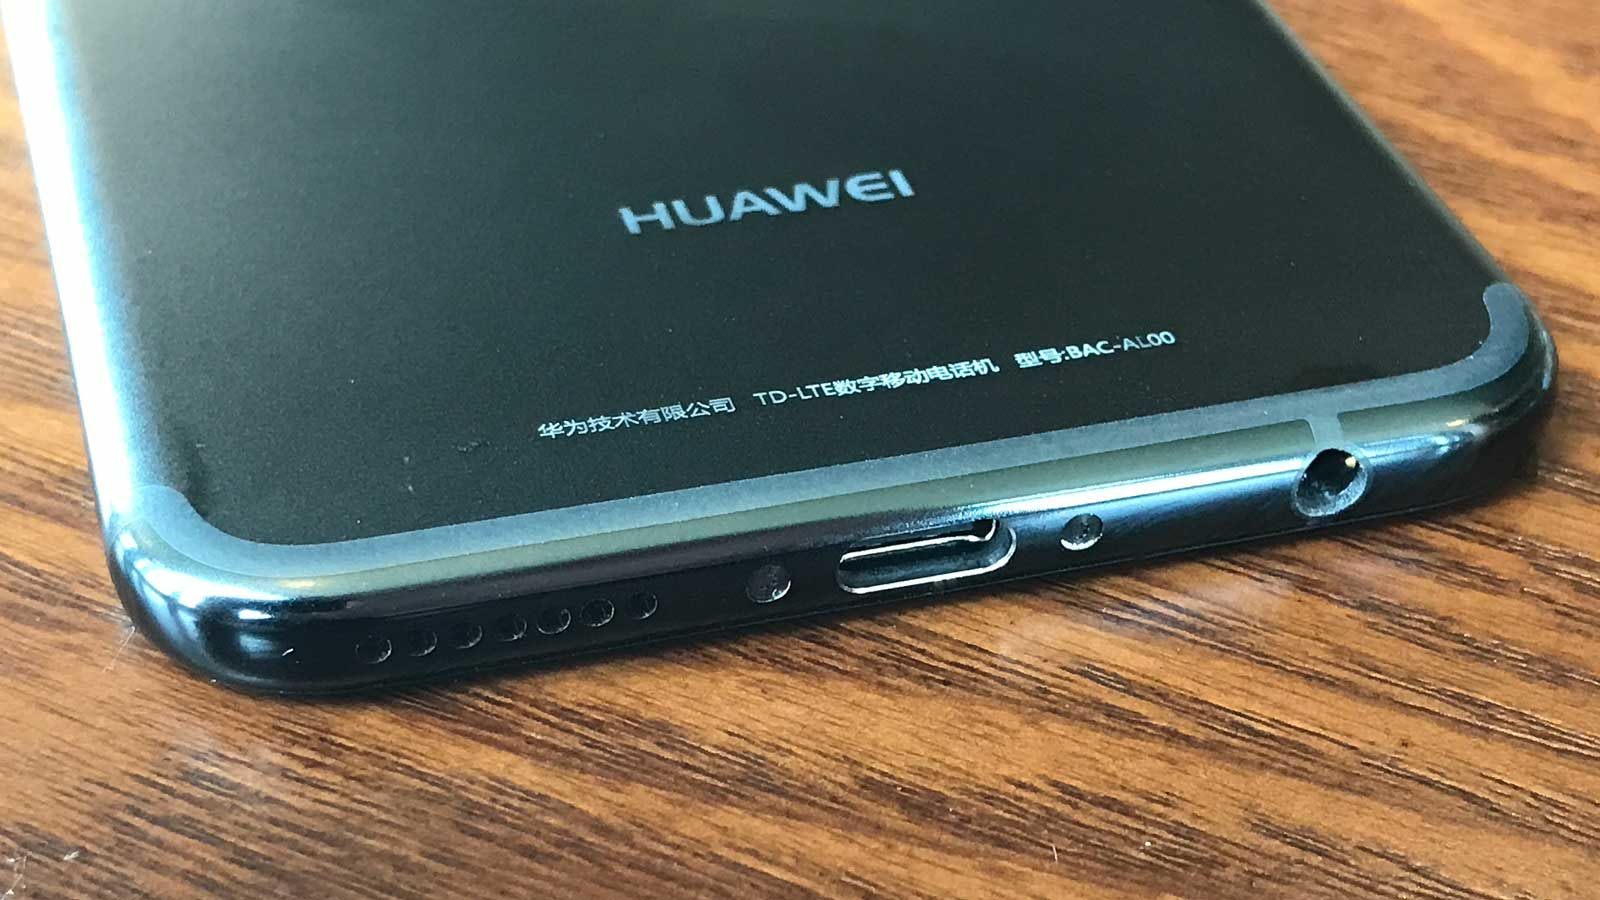 Обзор Huawei Nova 2 - нижняя панель смартфона